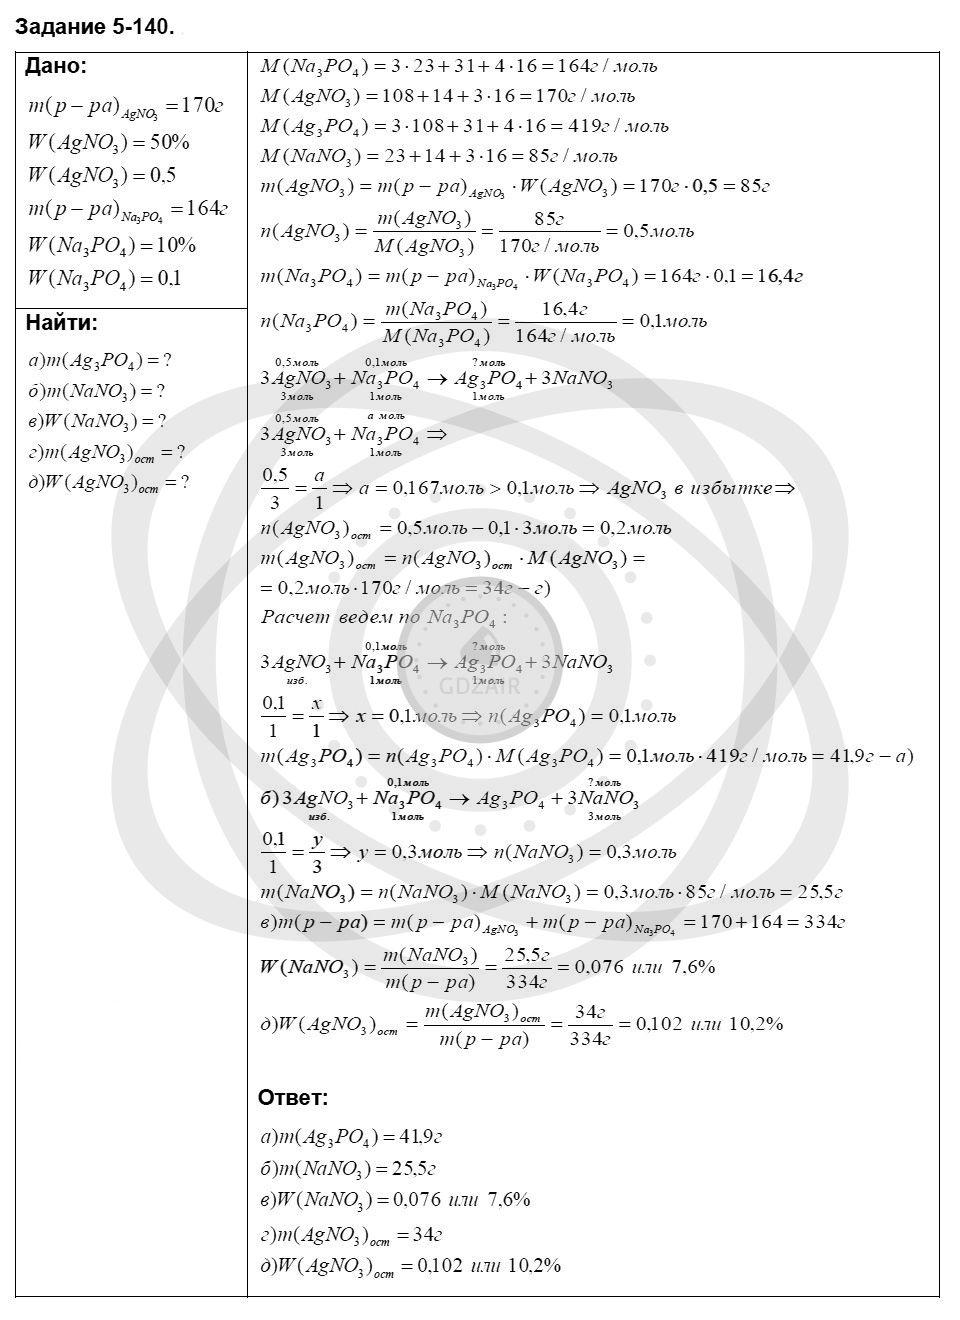 Химия 8 класс Кузнецова Н. Е. Глава 5. Основные классы неорганических соединений / Задания: 140